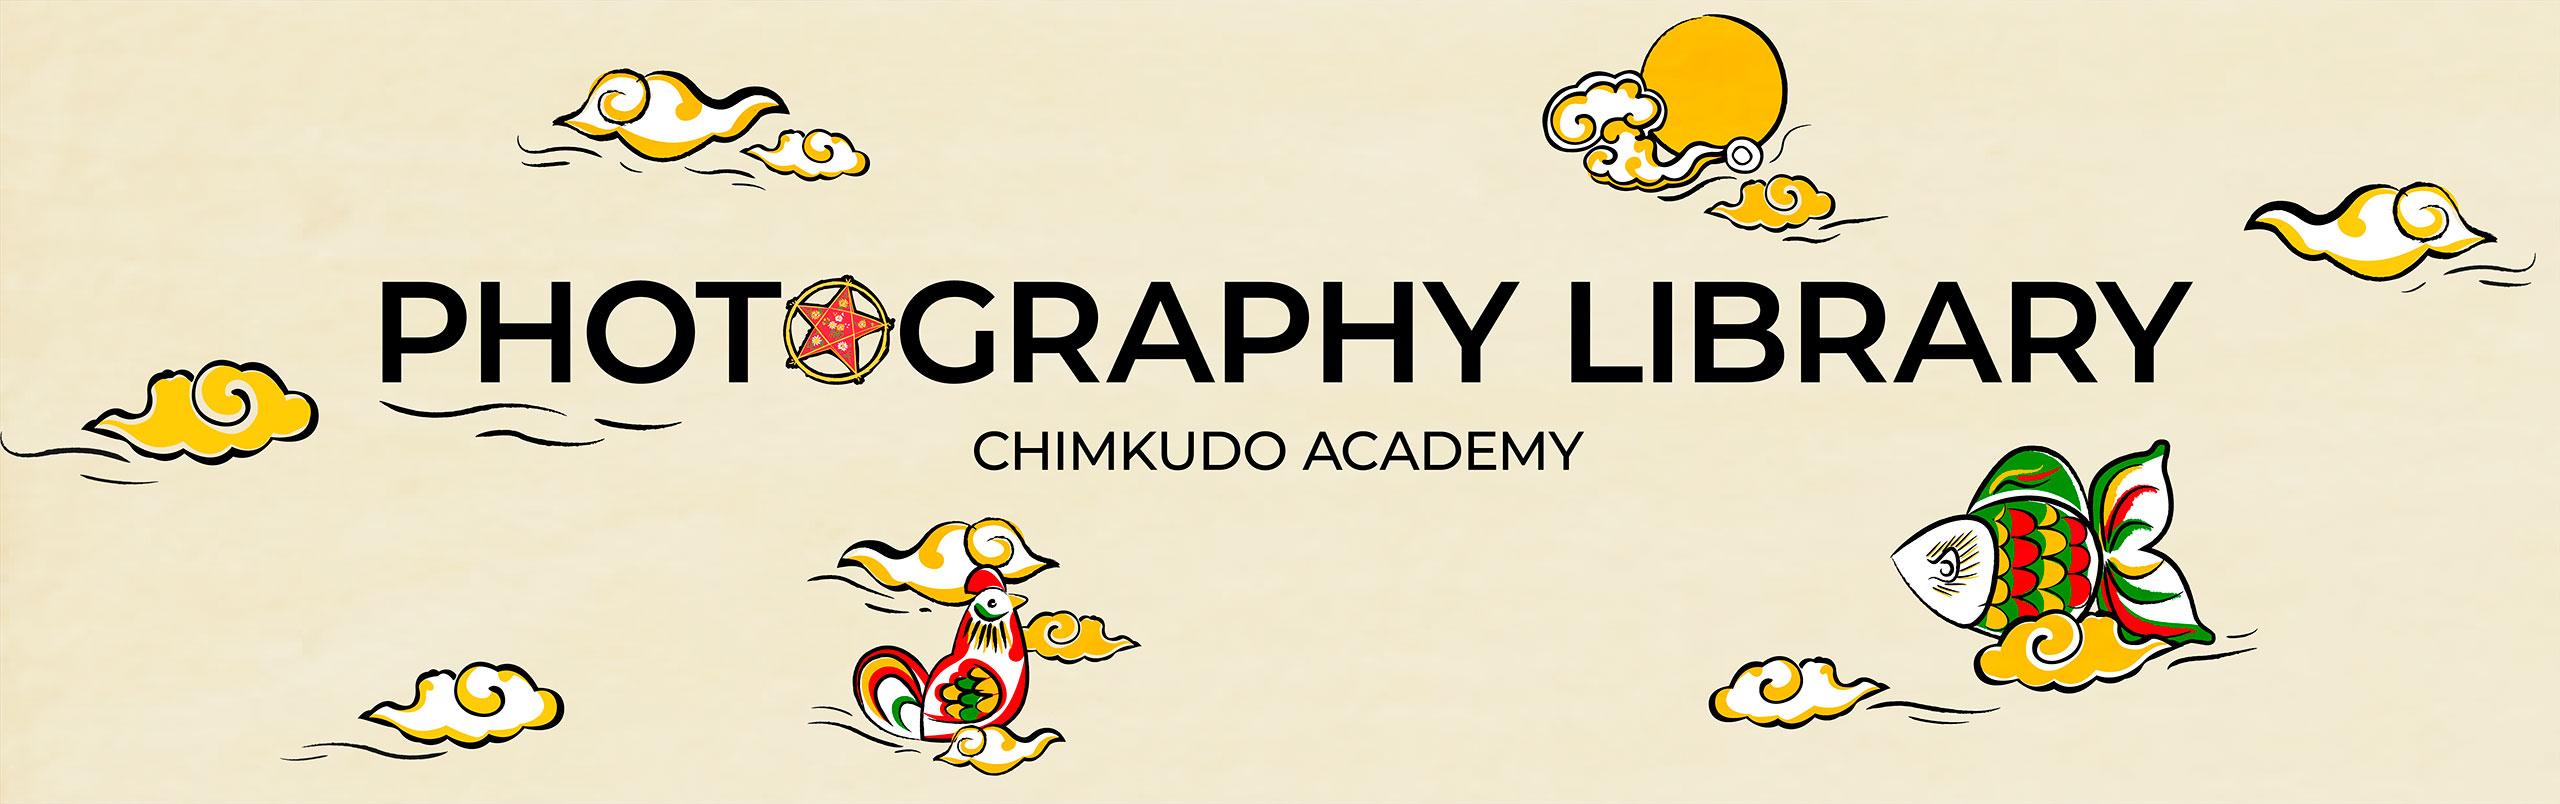 Thư viện nhiếp ảnh sản phẩm, quảng cáo Chimkudo